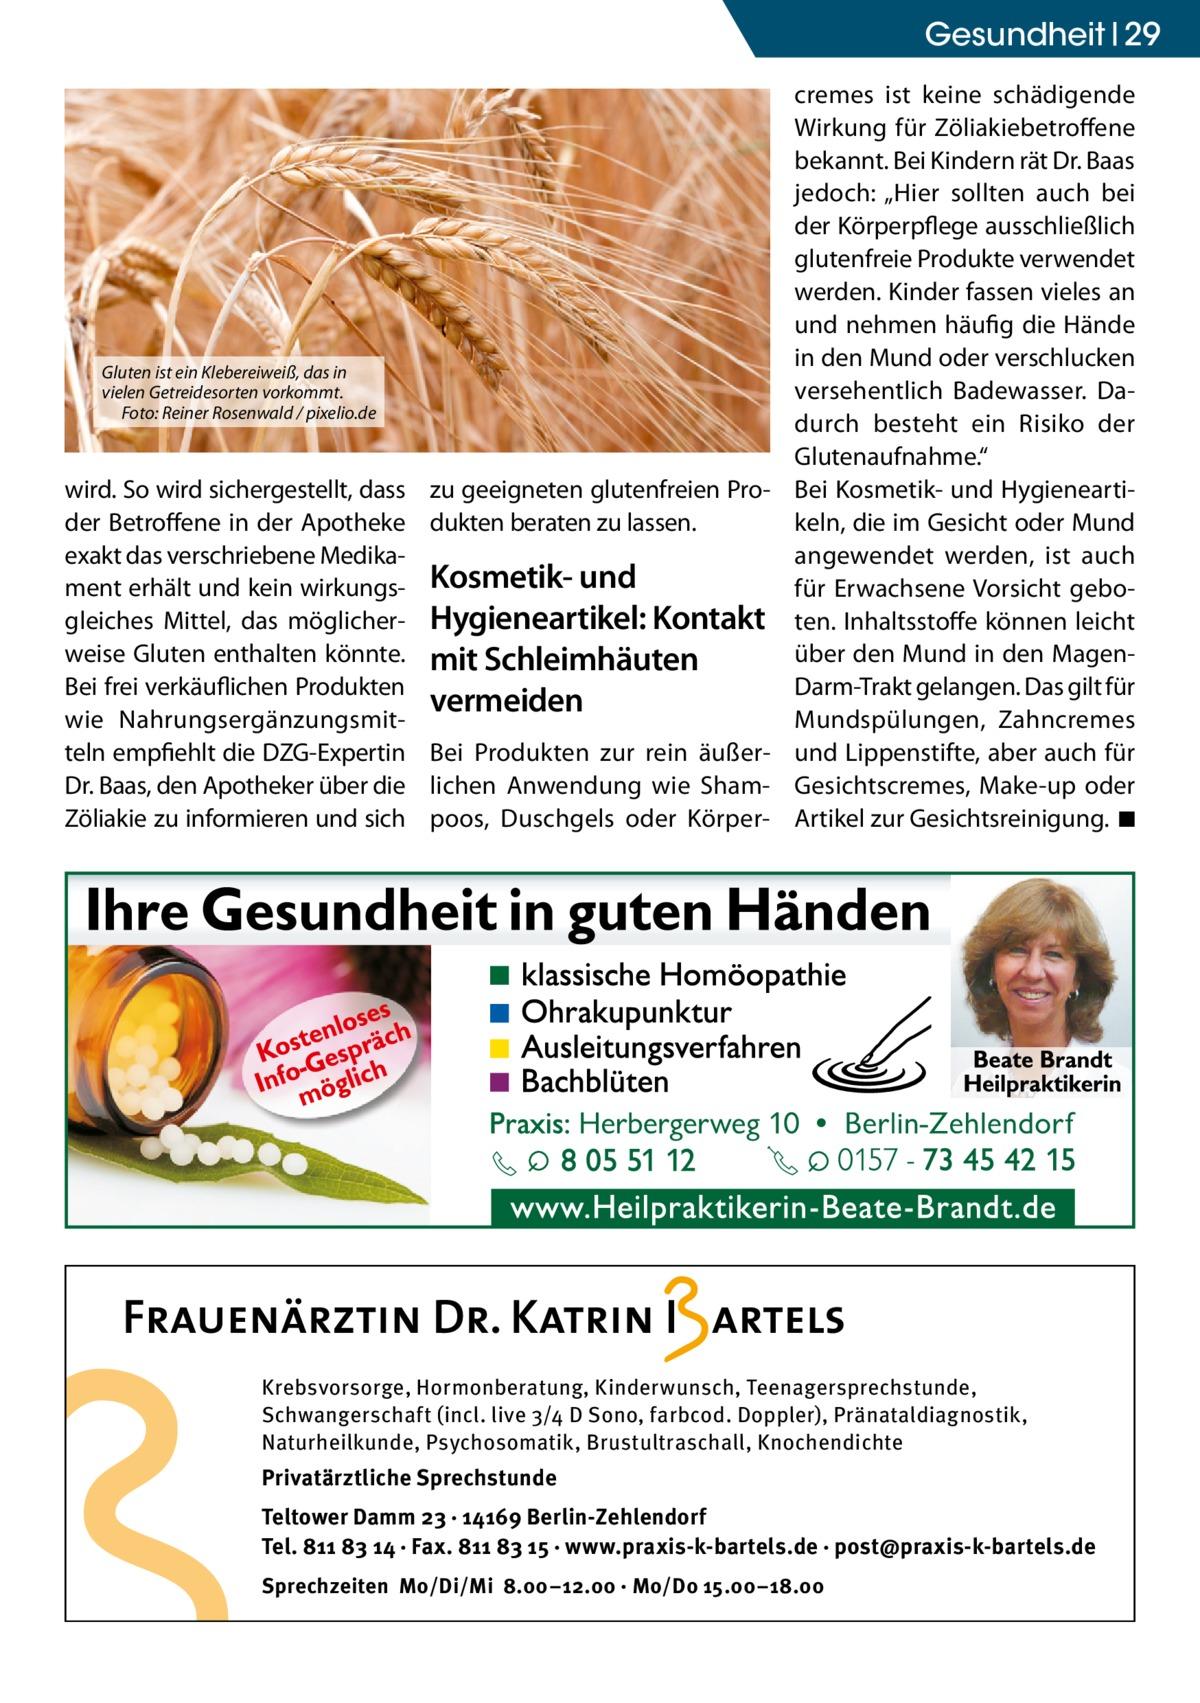 """Gesundheit 29  Gluten ist ein Klebereiweiß, das in vielen Getreidesorten vorkommt. Foto: Reiner Rosenwald / pixelio.de  wird. So wird sichergestellt, dass der Betroffene in der Apotheke exakt das verschriebene Medikament erhält und kein wirkungsgleiches Mittel, das möglicherweise Gluten enthalten könnte. Bei frei verkäuflichen Produkten wie Nahrungsergänzungsmitteln empfiehlt die DZG-Expertin Dr. Baas, den Apotheker über die Zöliakie zu informieren und sich  zu geeigneten glutenfreien Produkten beraten zu lassen.  Kosmetik- und Hygieneartikel: Kontakt mit Schleimhäuten vermeiden Bei Produkten zur rein äußerlichen Anwendung wie Shampoos, Duschgels oder Körper cremes ist keine schädigende Wirkung für Zöliakiebetroffene bekannt. Bei Kindern rät Dr. Baas jedoch: """"Hier sollten auch bei der Körperpflege ausschließlich glutenfreie Produkte verwendet werden. Kinder fassen vieles an und nehmen häufig die Hände in den Mund oder verschlucken versehentlich Badewasser. Dadurch besteht ein Risiko der Glutenaufnahme."""" Bei Kosmetik- und Hygieneartikeln, die im Gesicht oder Mund angewendet werden, ist auch für Erwachsene Vorsicht geboten. Inhaltsstoffe können leicht über den Mund in den MagenDarm-Trakt gelangen. Das gilt für Mundspülungen, Zahncremes und Lippenstifte, aber auch für Gesichtscremes, Make-up oder Artikel zur Gesichtsreinigung. ◾  Krebsvorsorge, Hormonberatung, Kinderwunsch, Teenagersprechstunde, Schwangerschaft (incl. live 3/4 D Sono, farbcod. Doppler), Pränataldiagnostik, Naturheilkunde, Psychosomatik, Brustultraschall, Knochendichte  Privatärztliche Sprechstunde Teltower Damm 23 · 14169 Berlin-Zehlendorf Tel. 811 83 14 · Fax. 811 83 15 · www.praxis-k-bartels.de · post@praxis-k-bartels.de Sprechzeiten Mo/Di/Mi 8.00–12.00 · Mo/Do 15.00–18.00"""